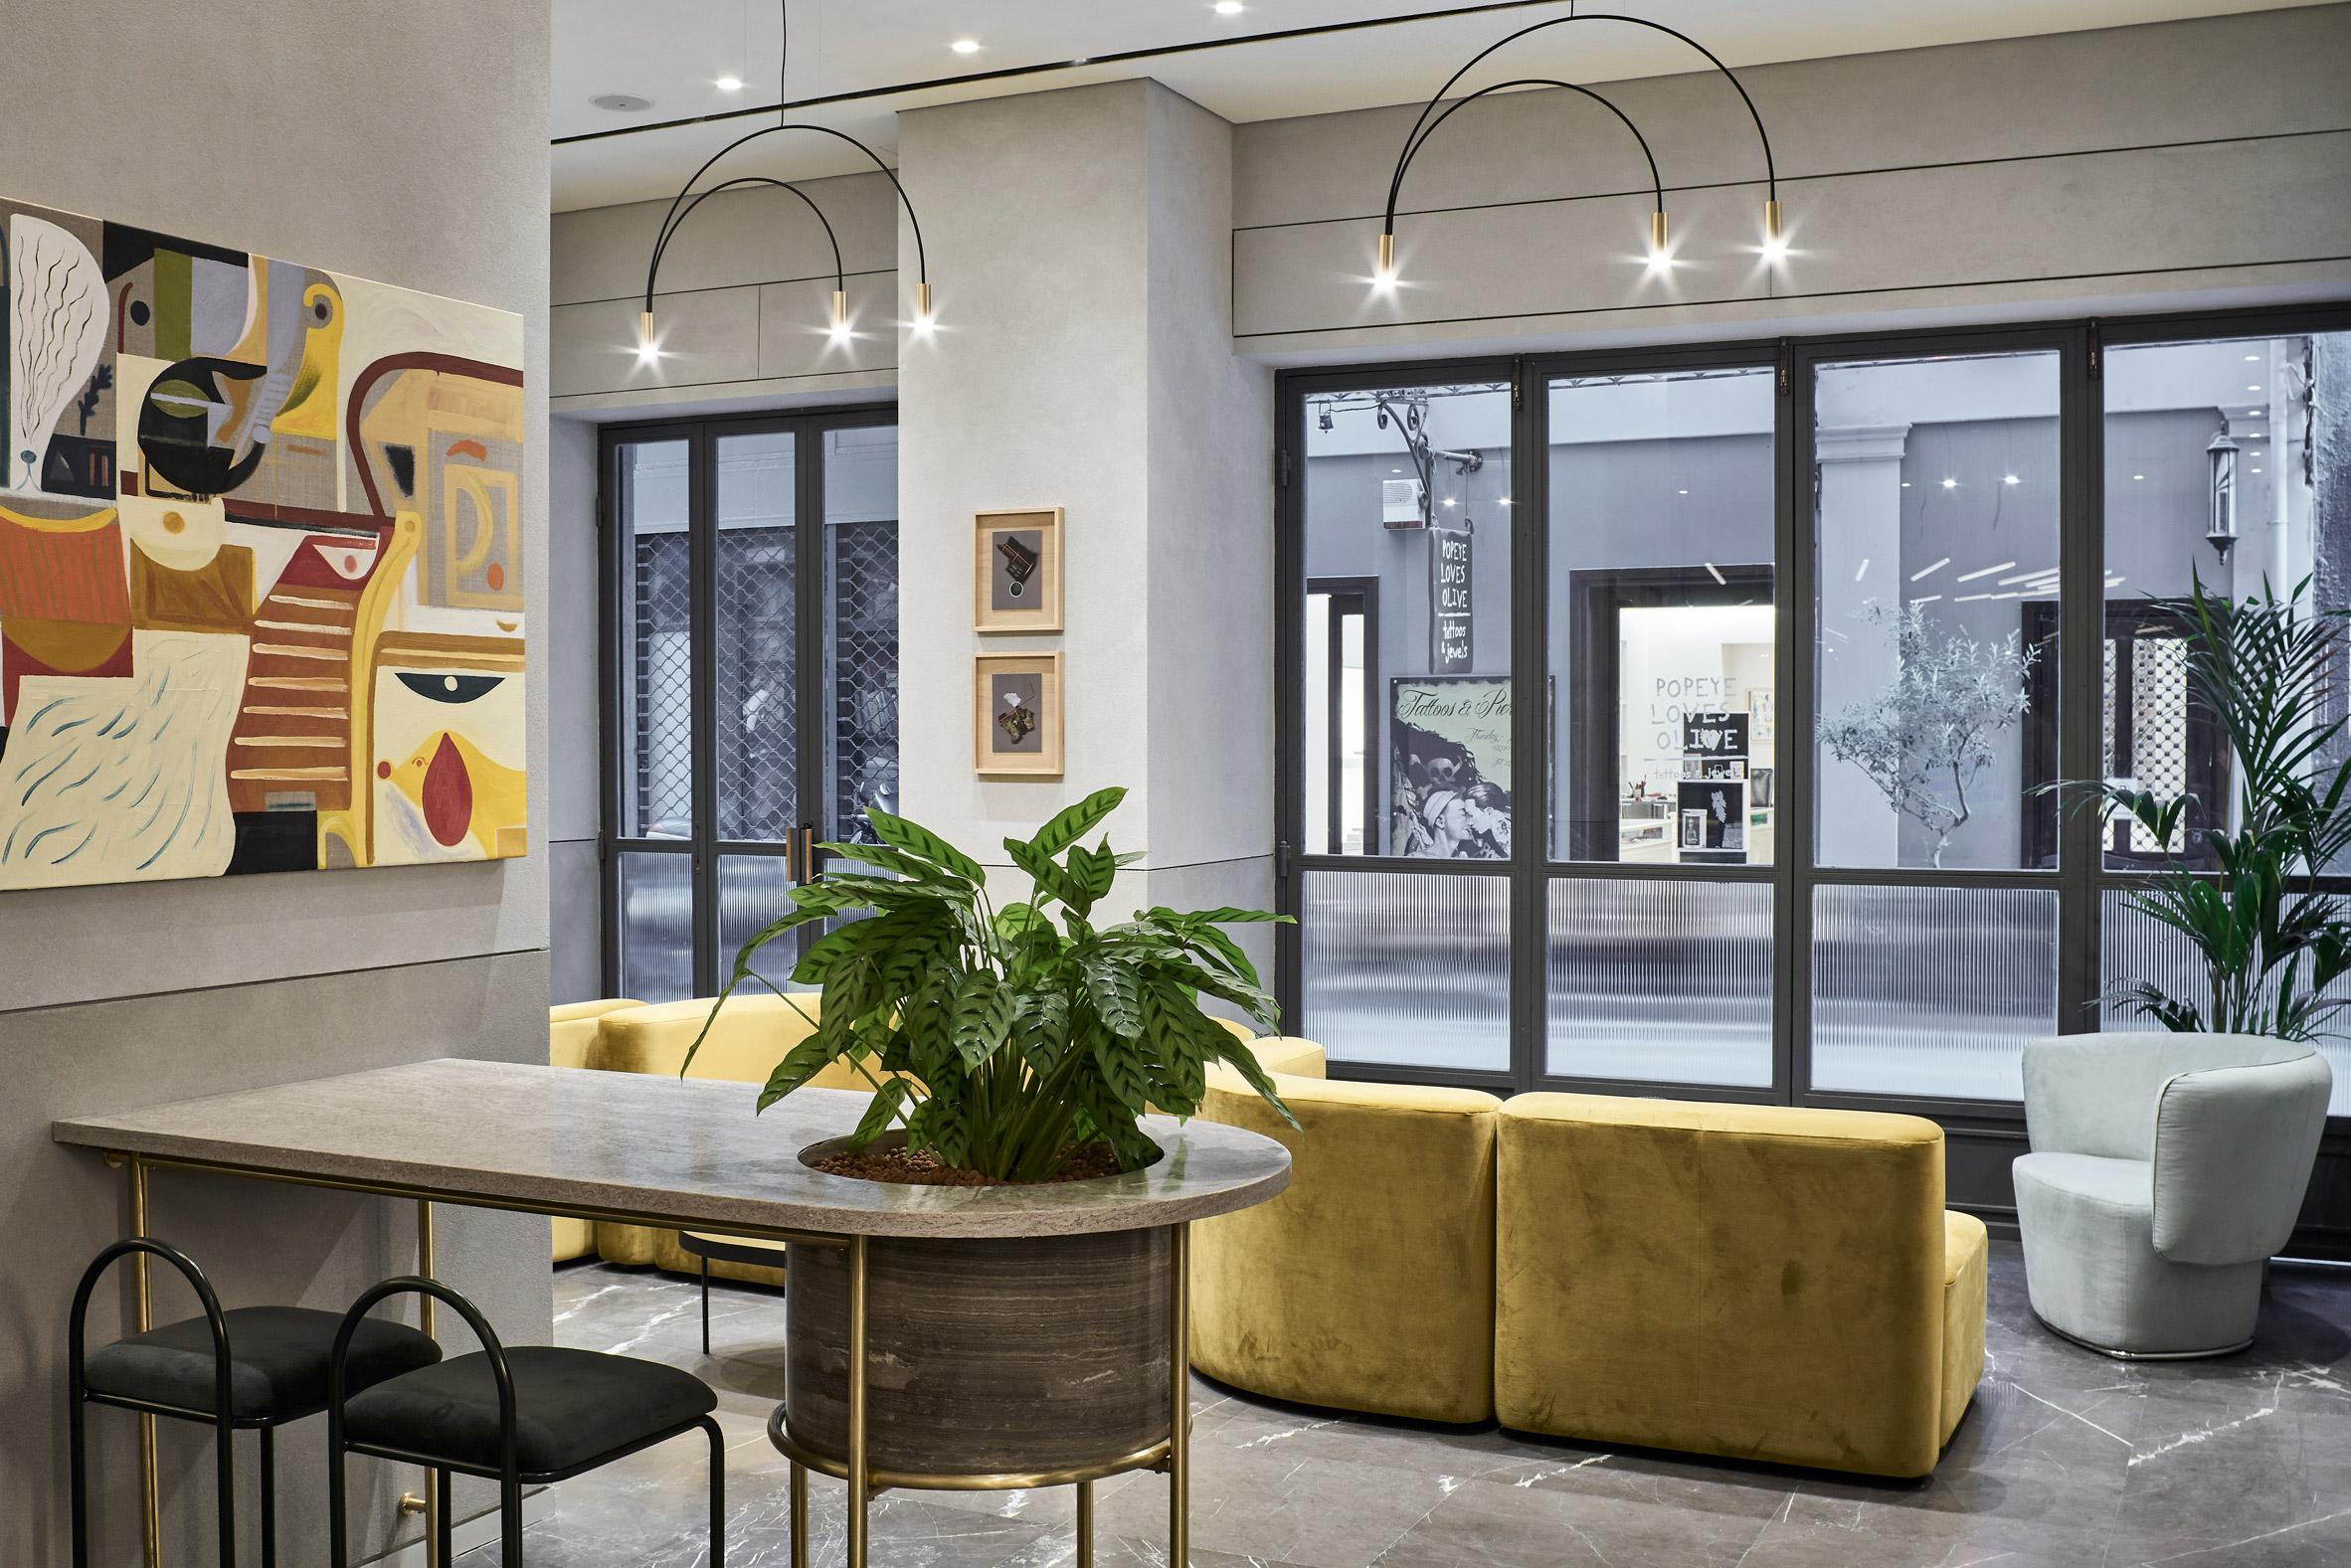 Thiết kế nội thất khách sạn 4 sao 17